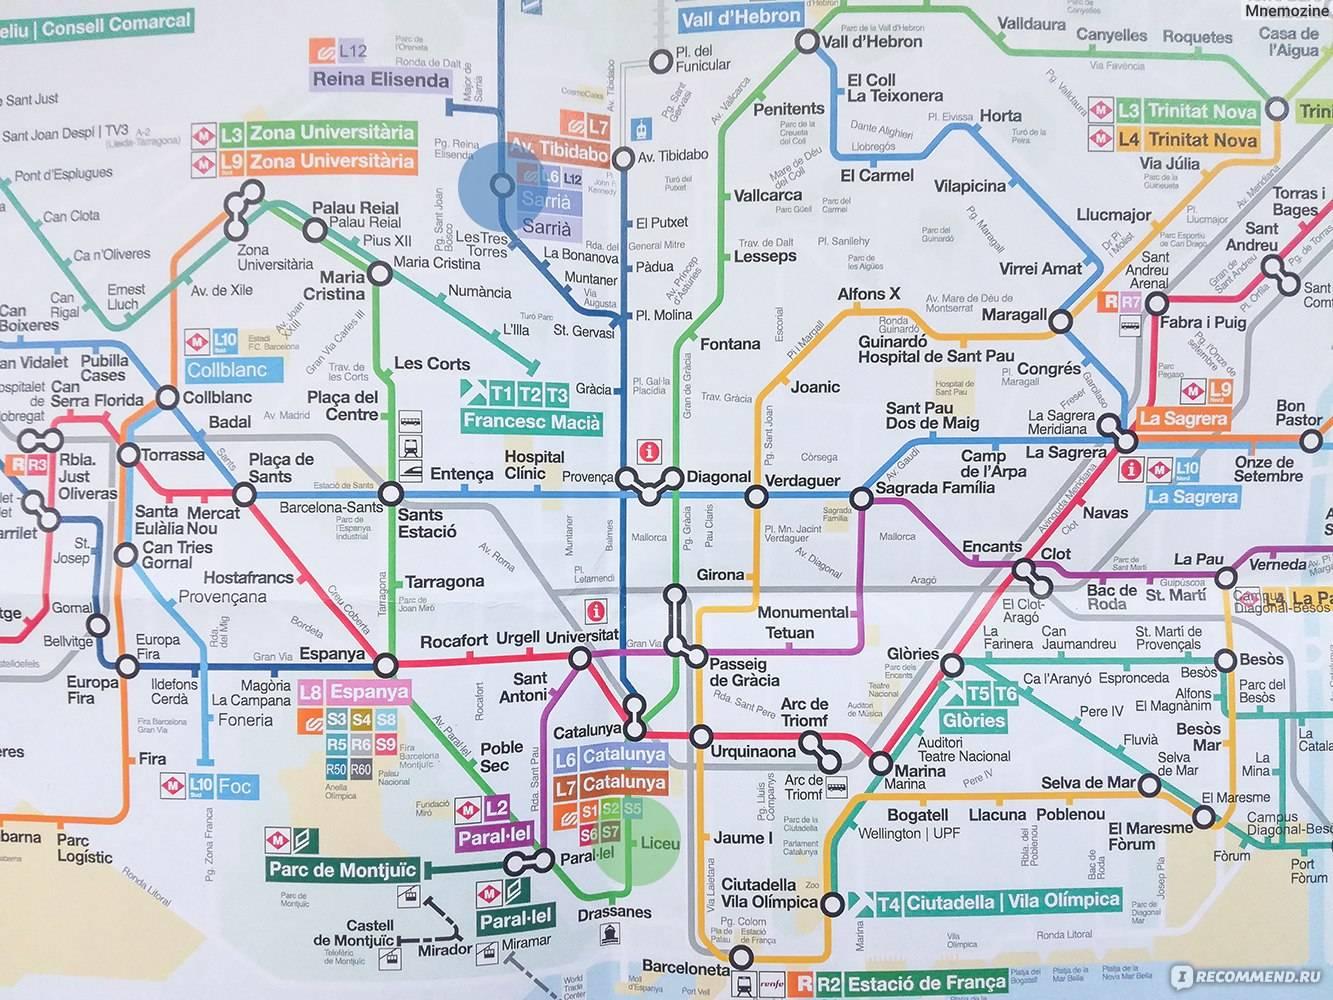 Как пользоваться метро в барселоне?